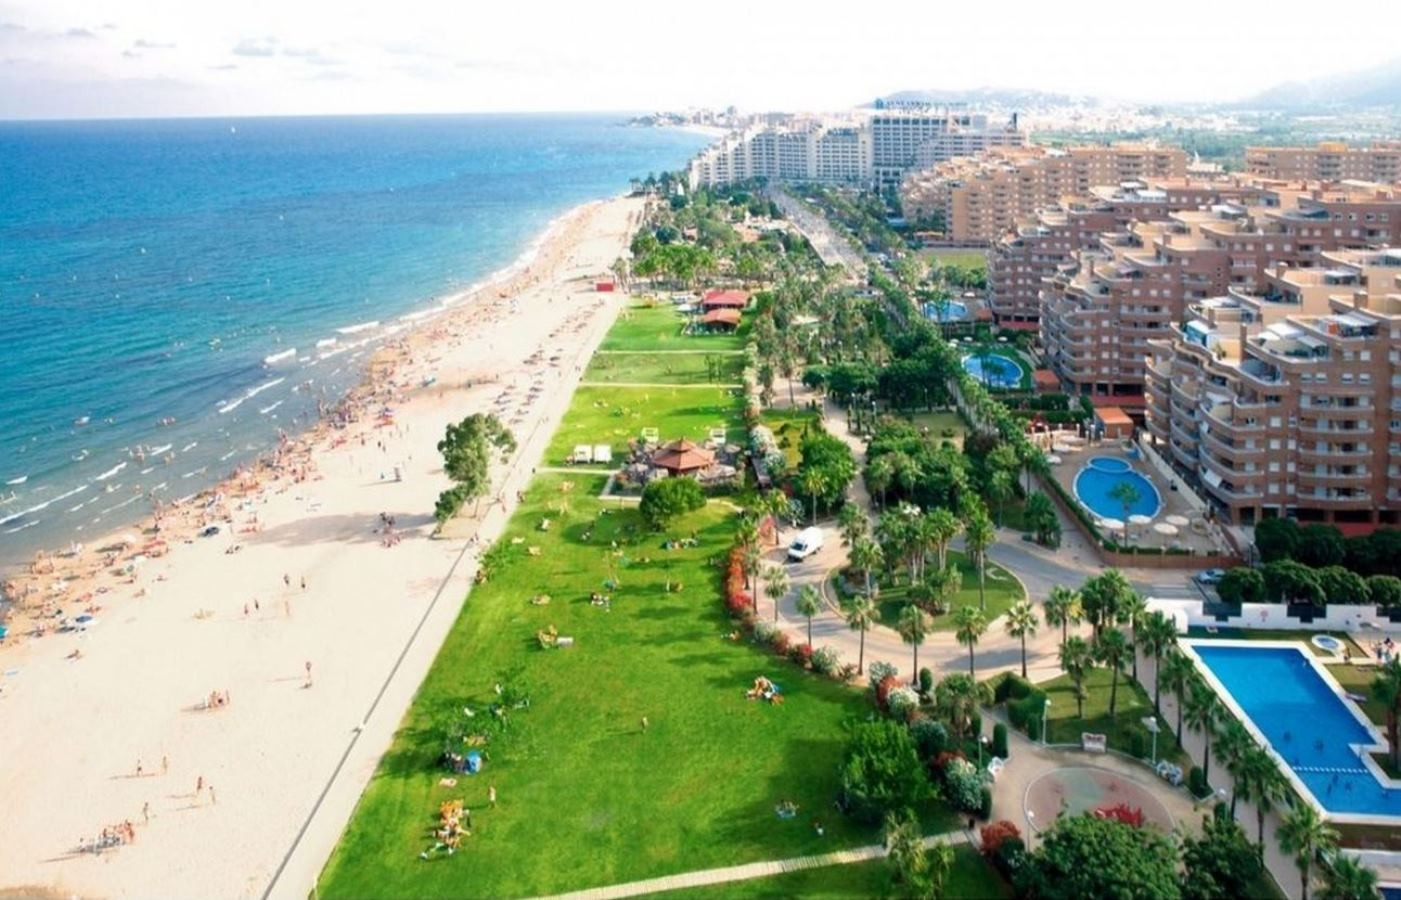 Apartamentos en oropesa del mar alquiler de apartamentos en oropesa del mar - Alquiler apartamentos oropesa del mar ...